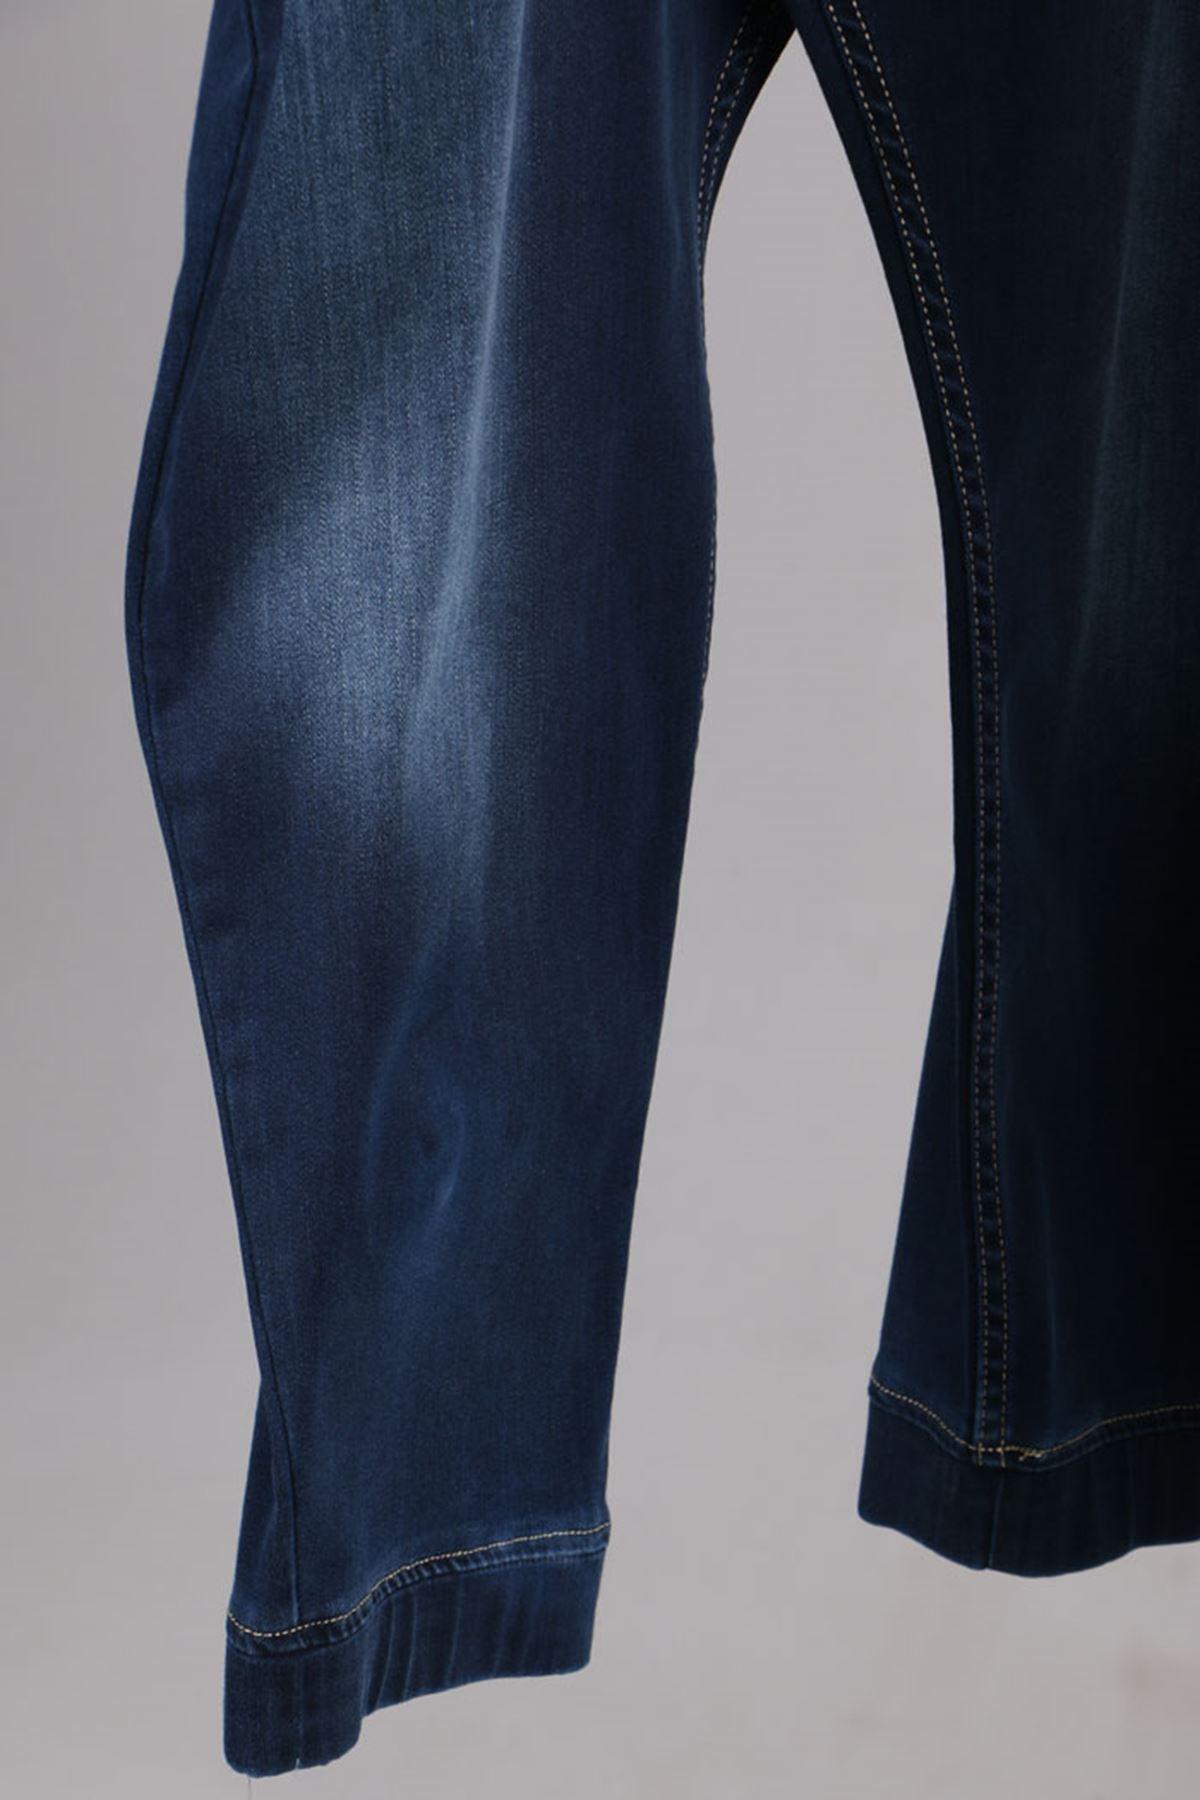 D-9139-2 Büyük Beden Defolu Beli Lastikli Taşlanmış Dar Paça Kot Pantalon-Lacivert